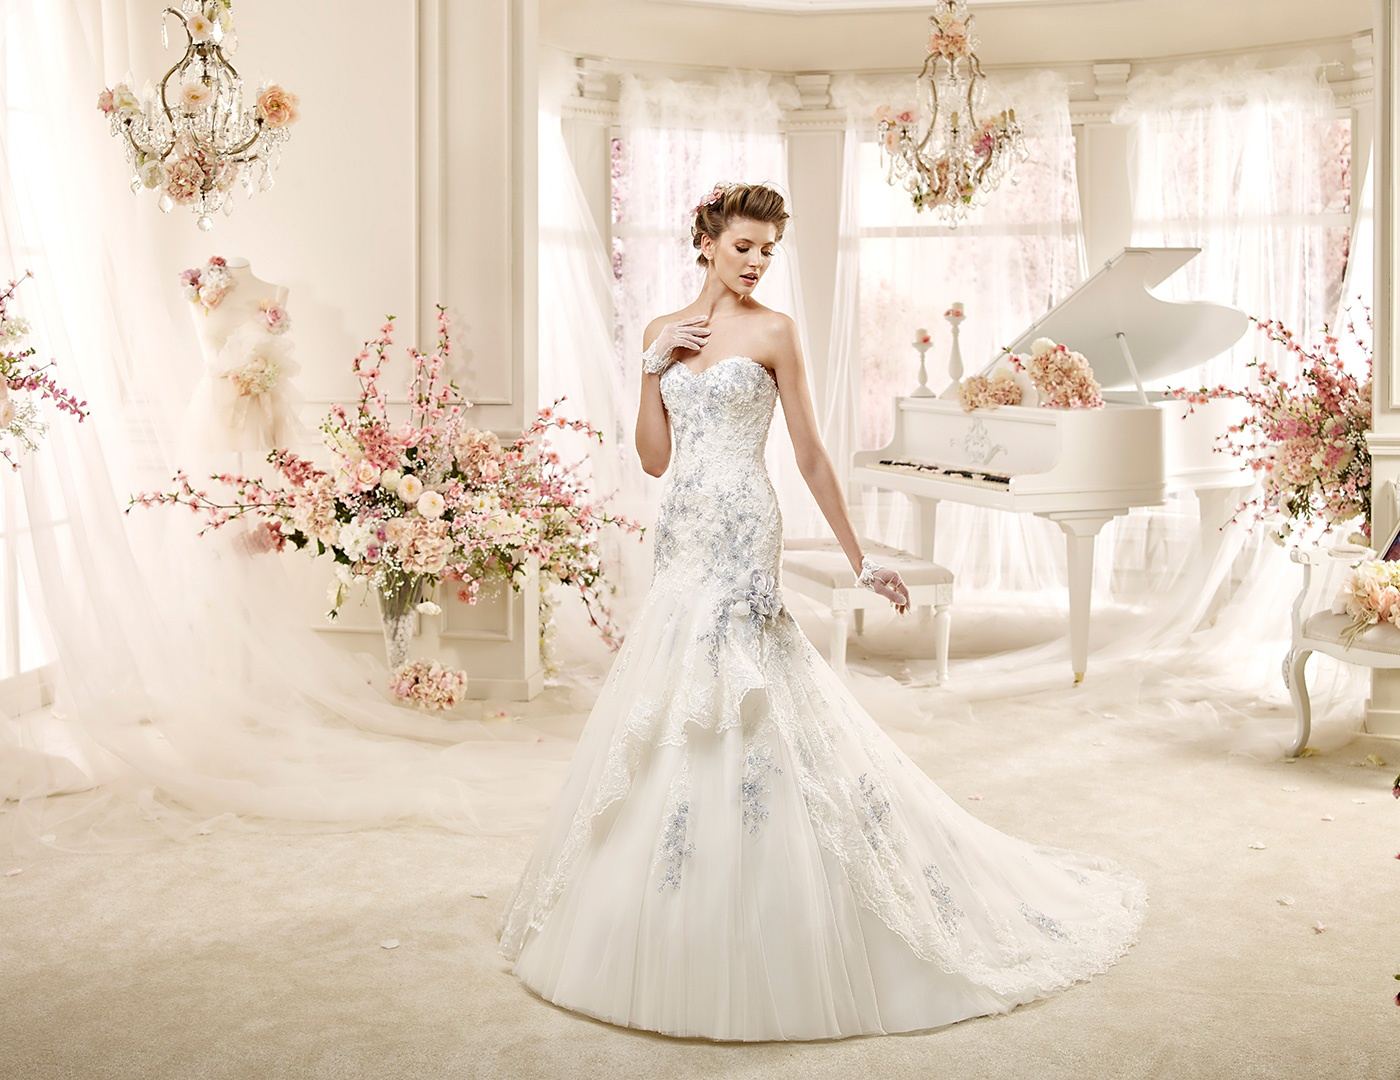 La elegancia del vestido con bordados